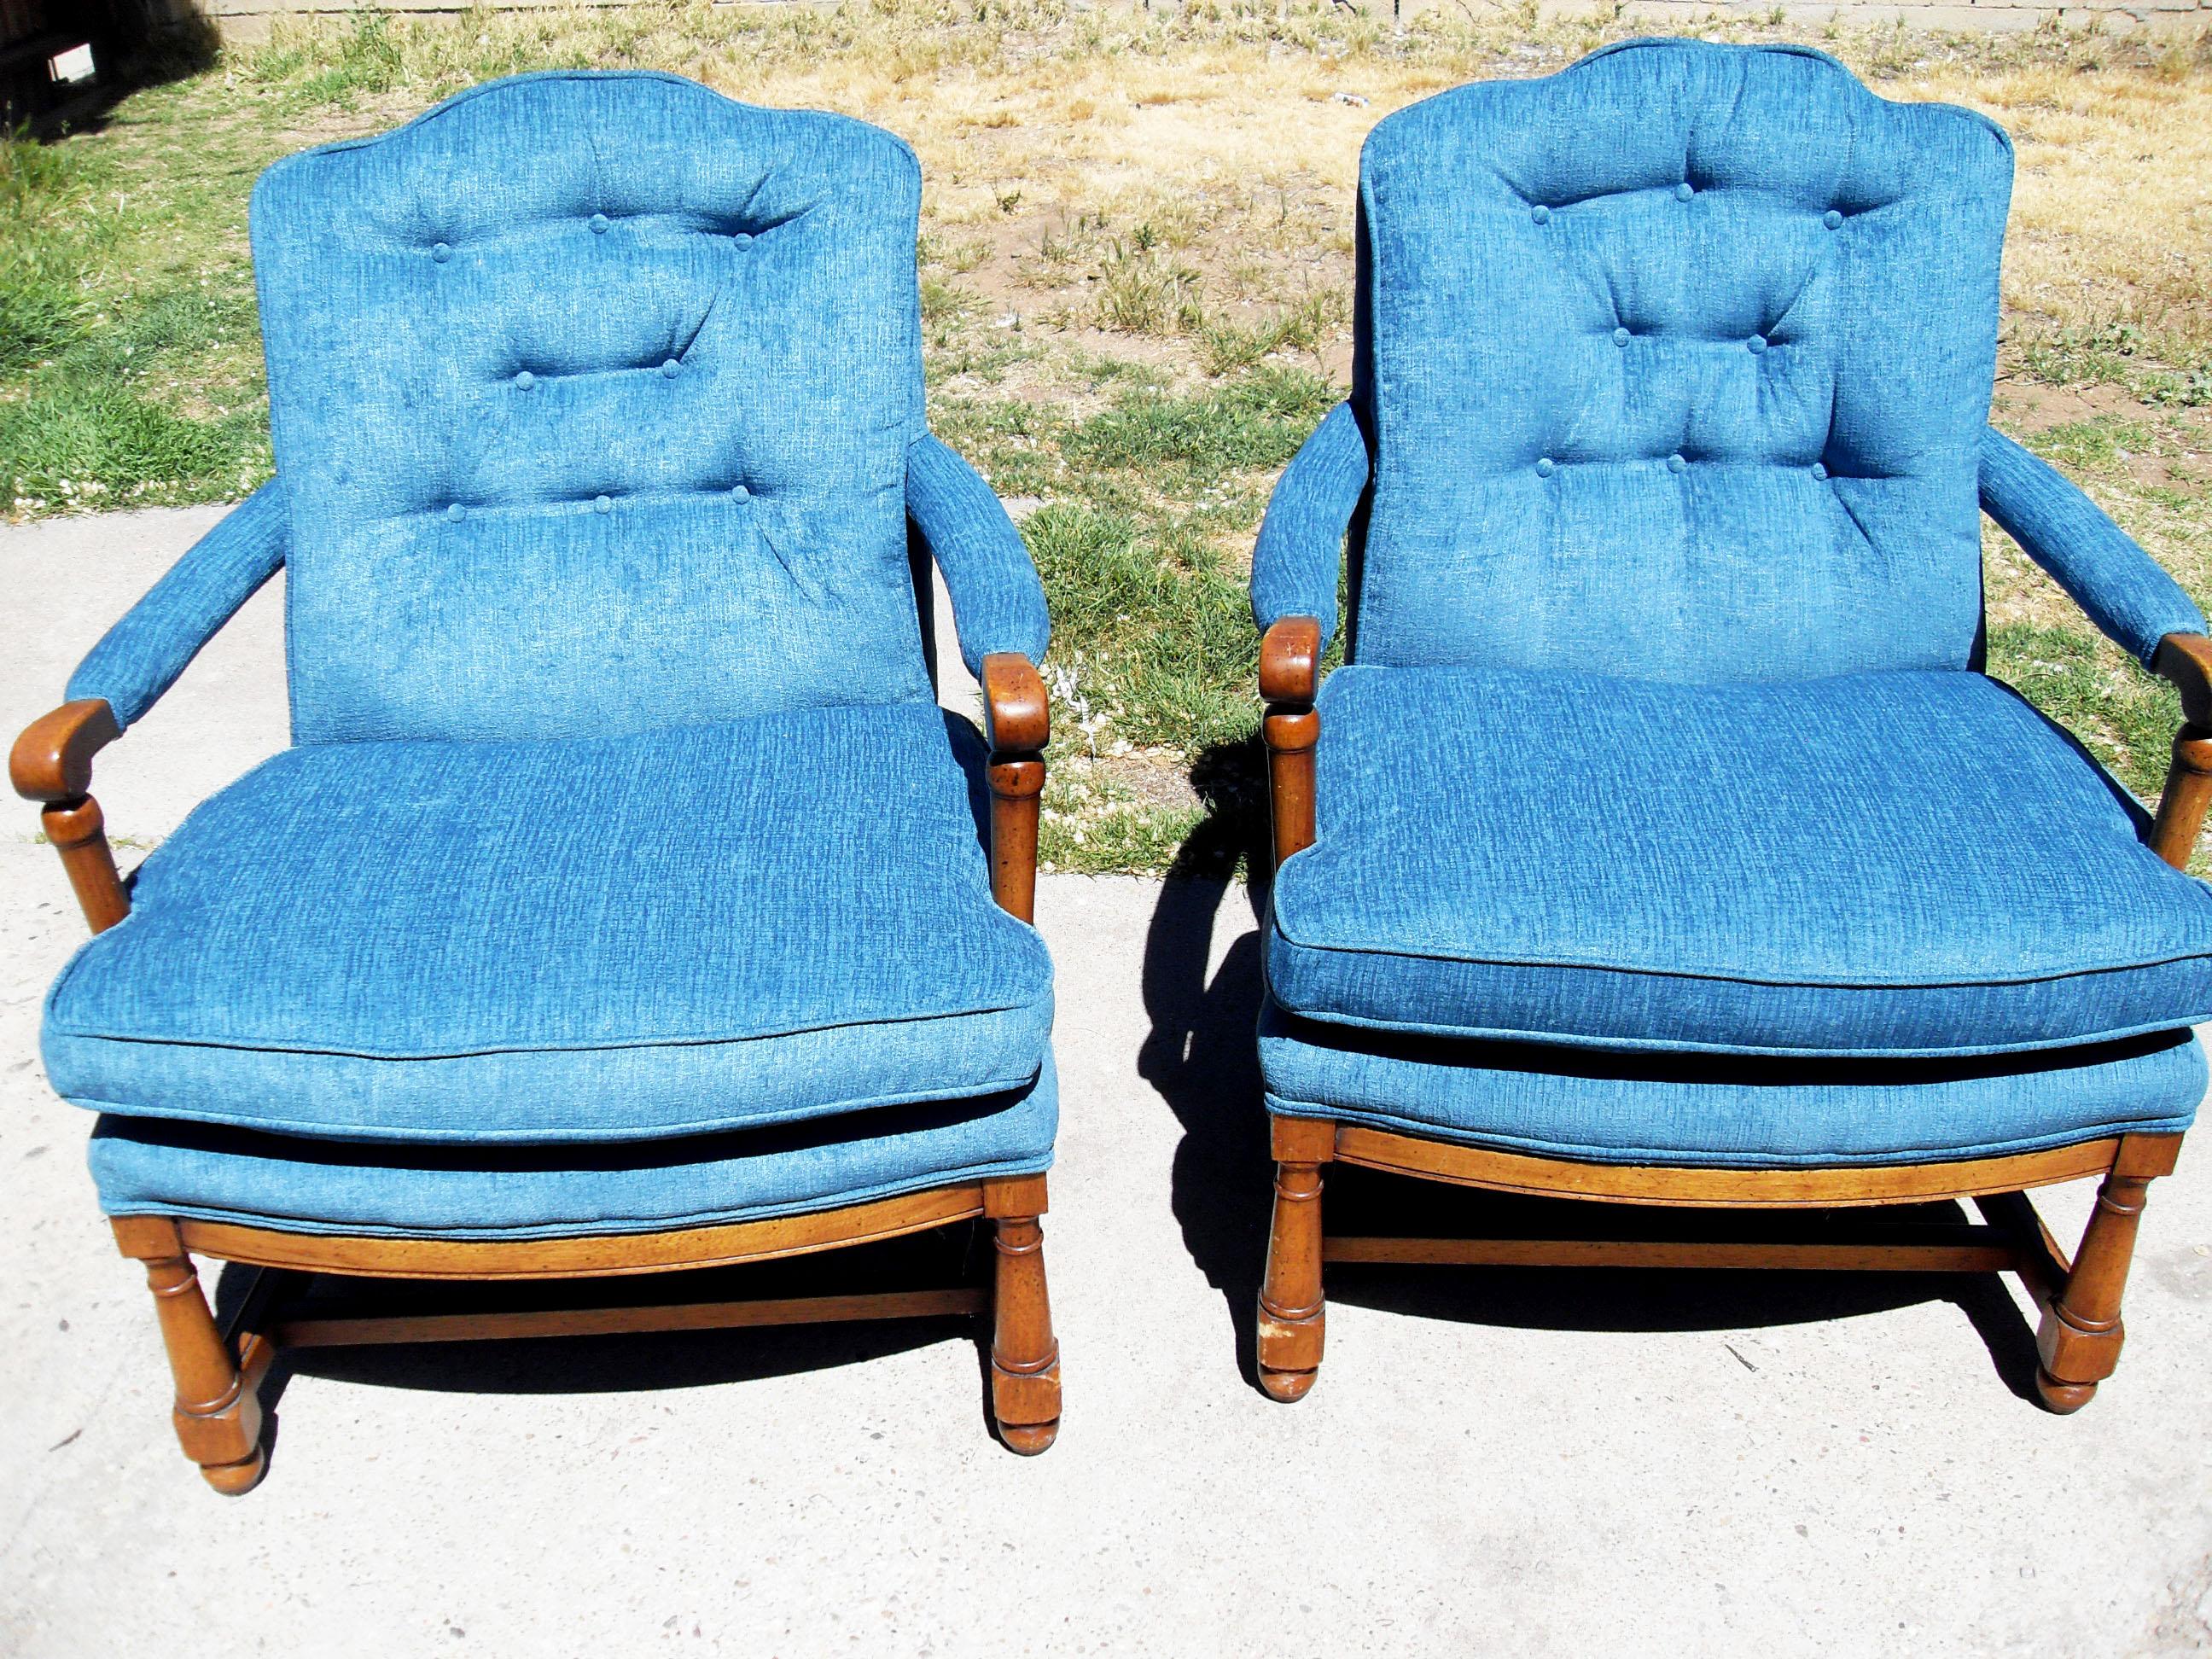 Patio Furniture Repair Albuquerque Furniture Designs